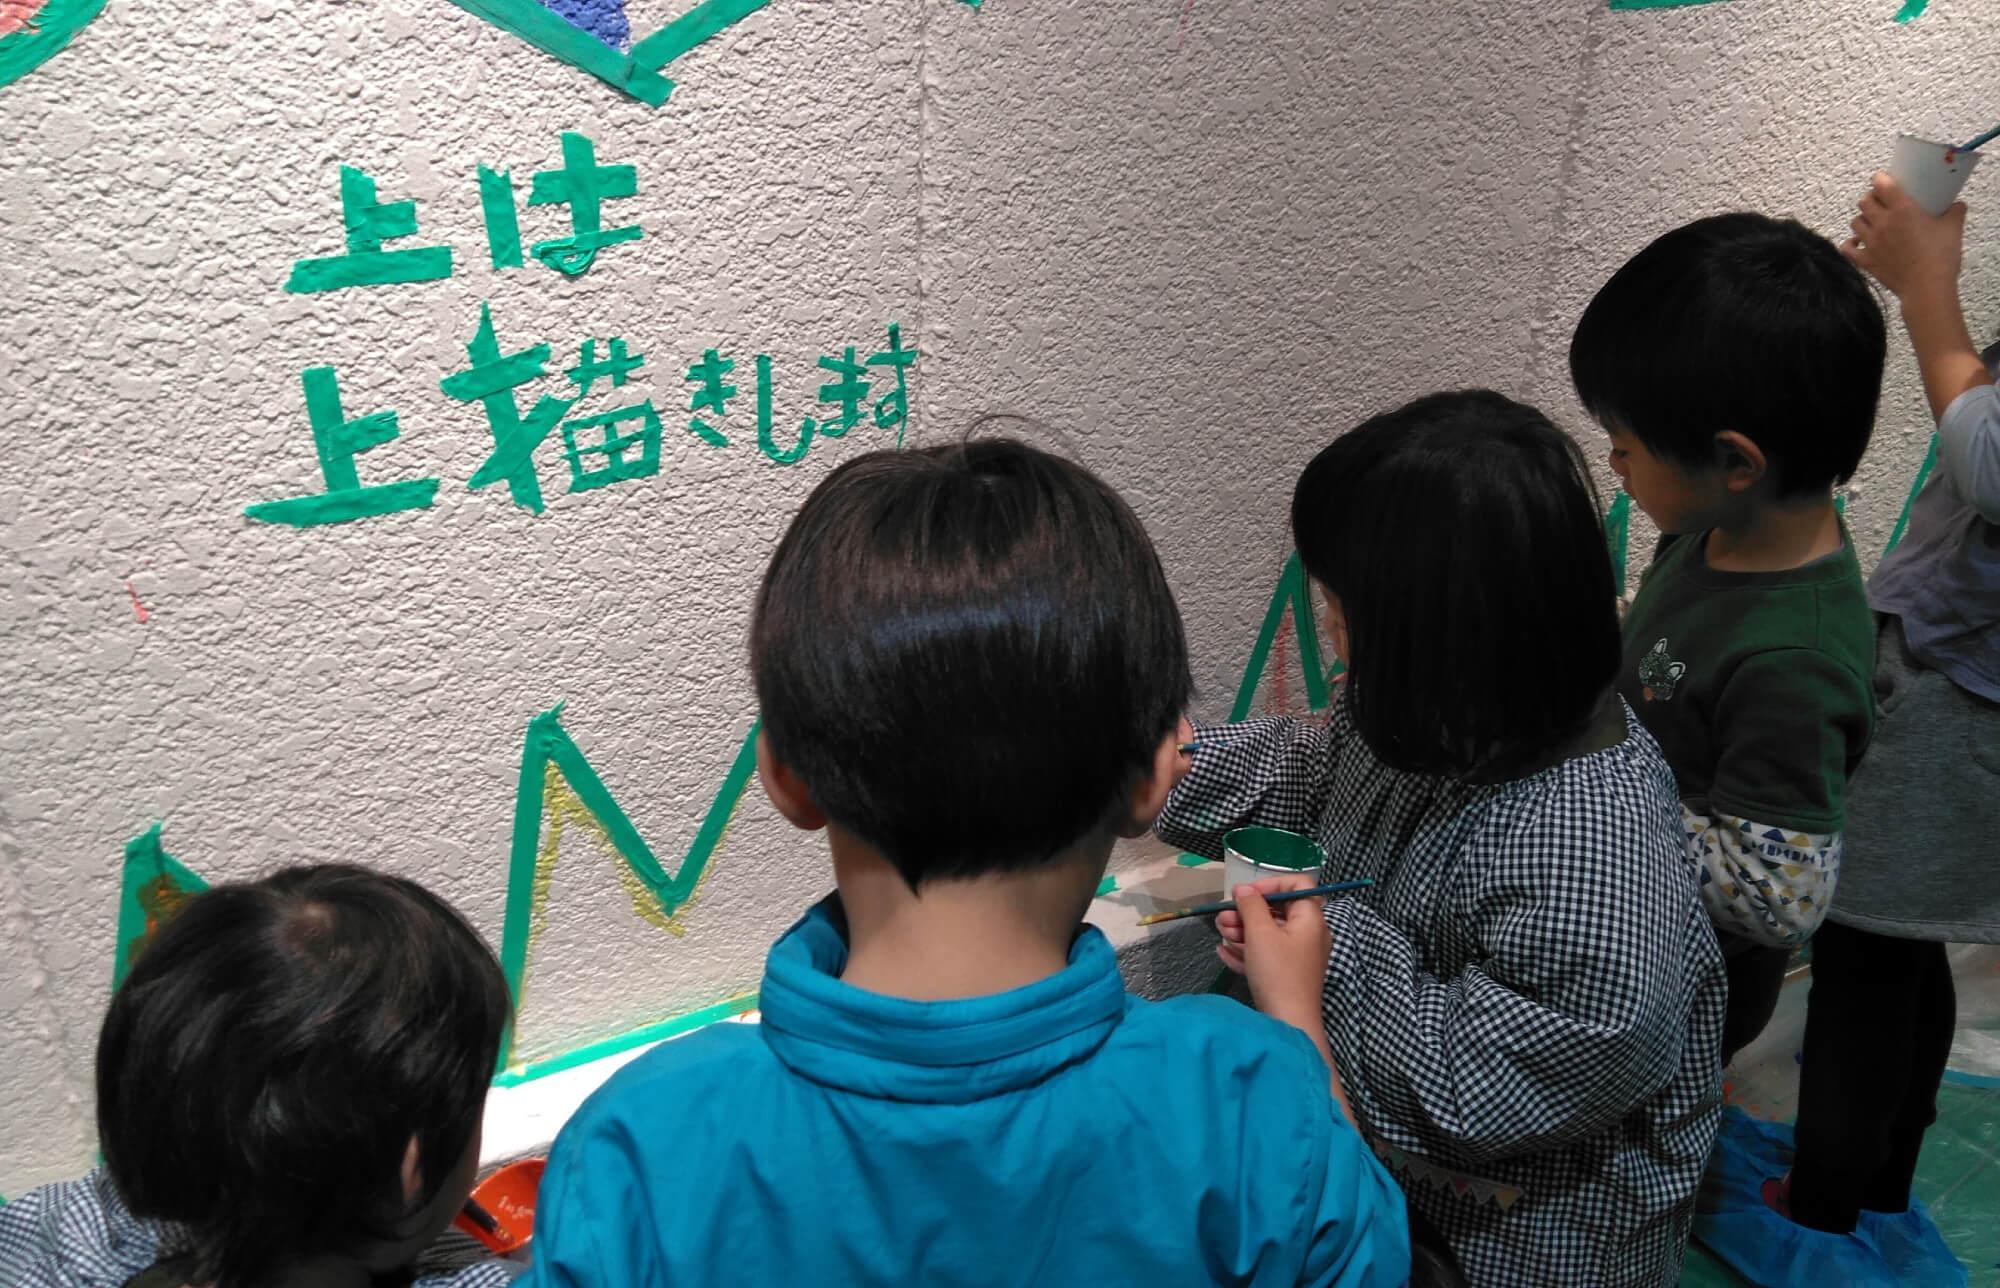 壁に色を塗る子どもたち